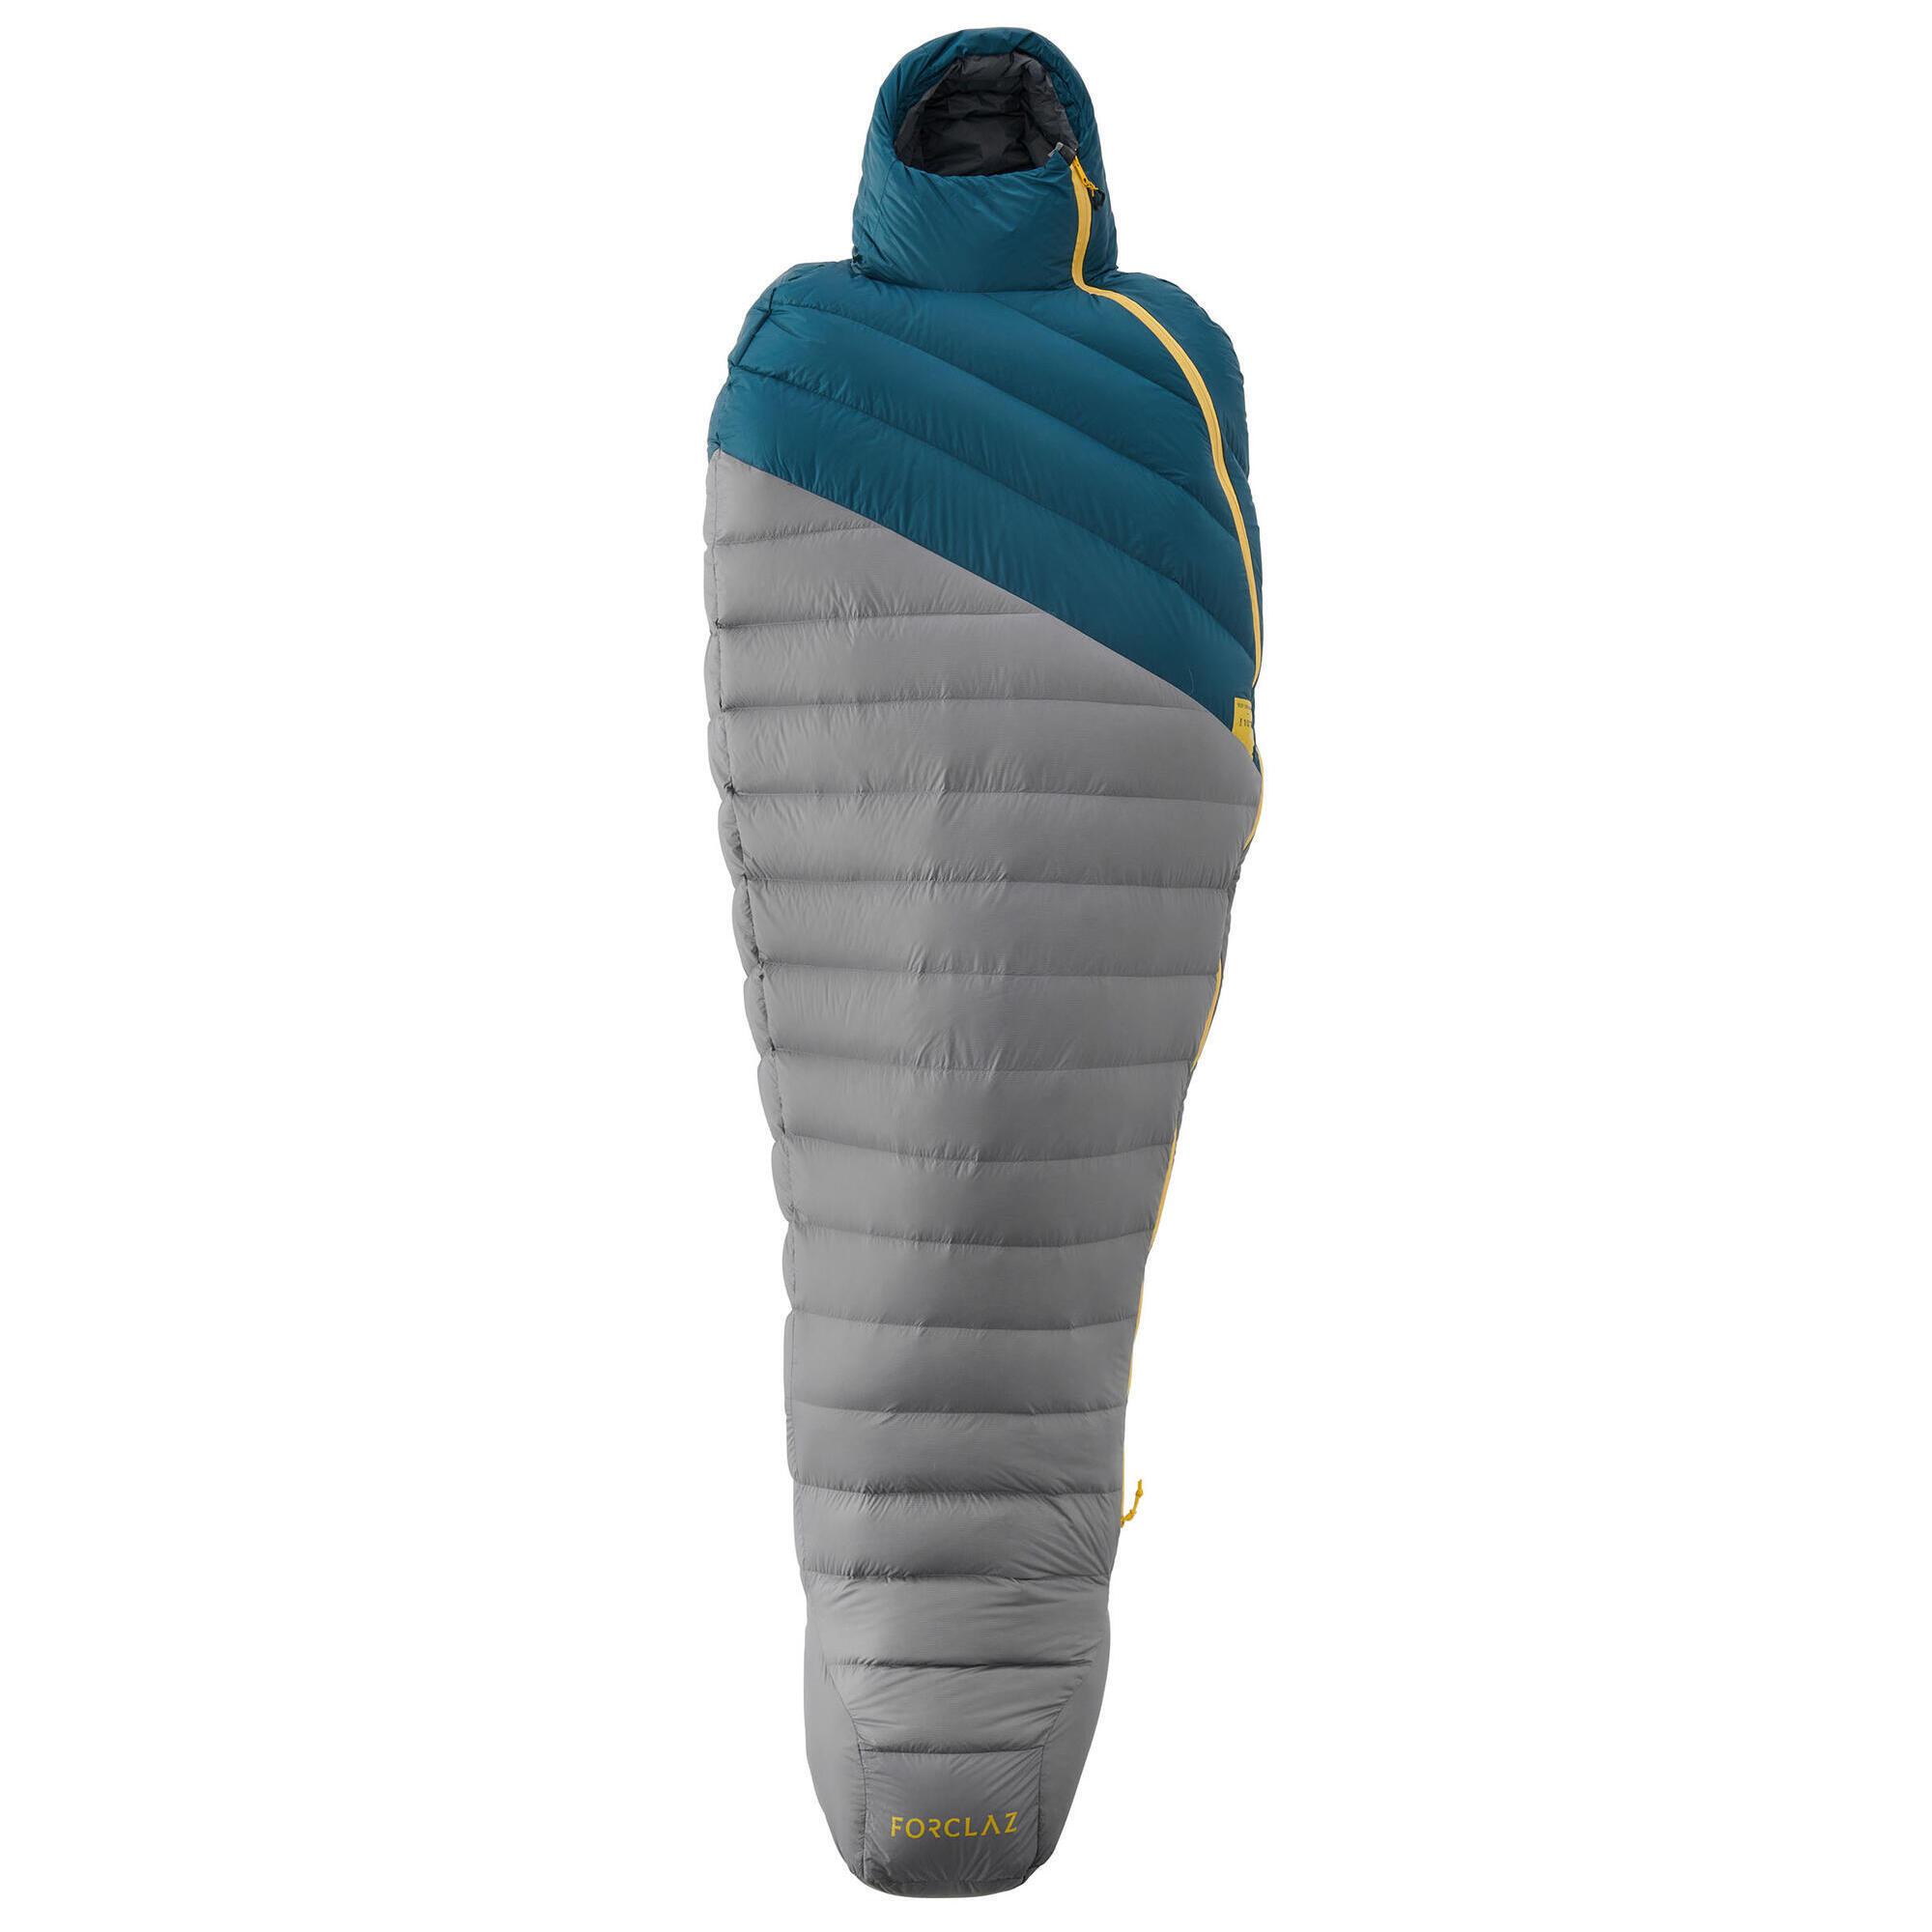 Comprar Sacos de Dormir de Plumas y Ultraligeros  86acb38e626c3